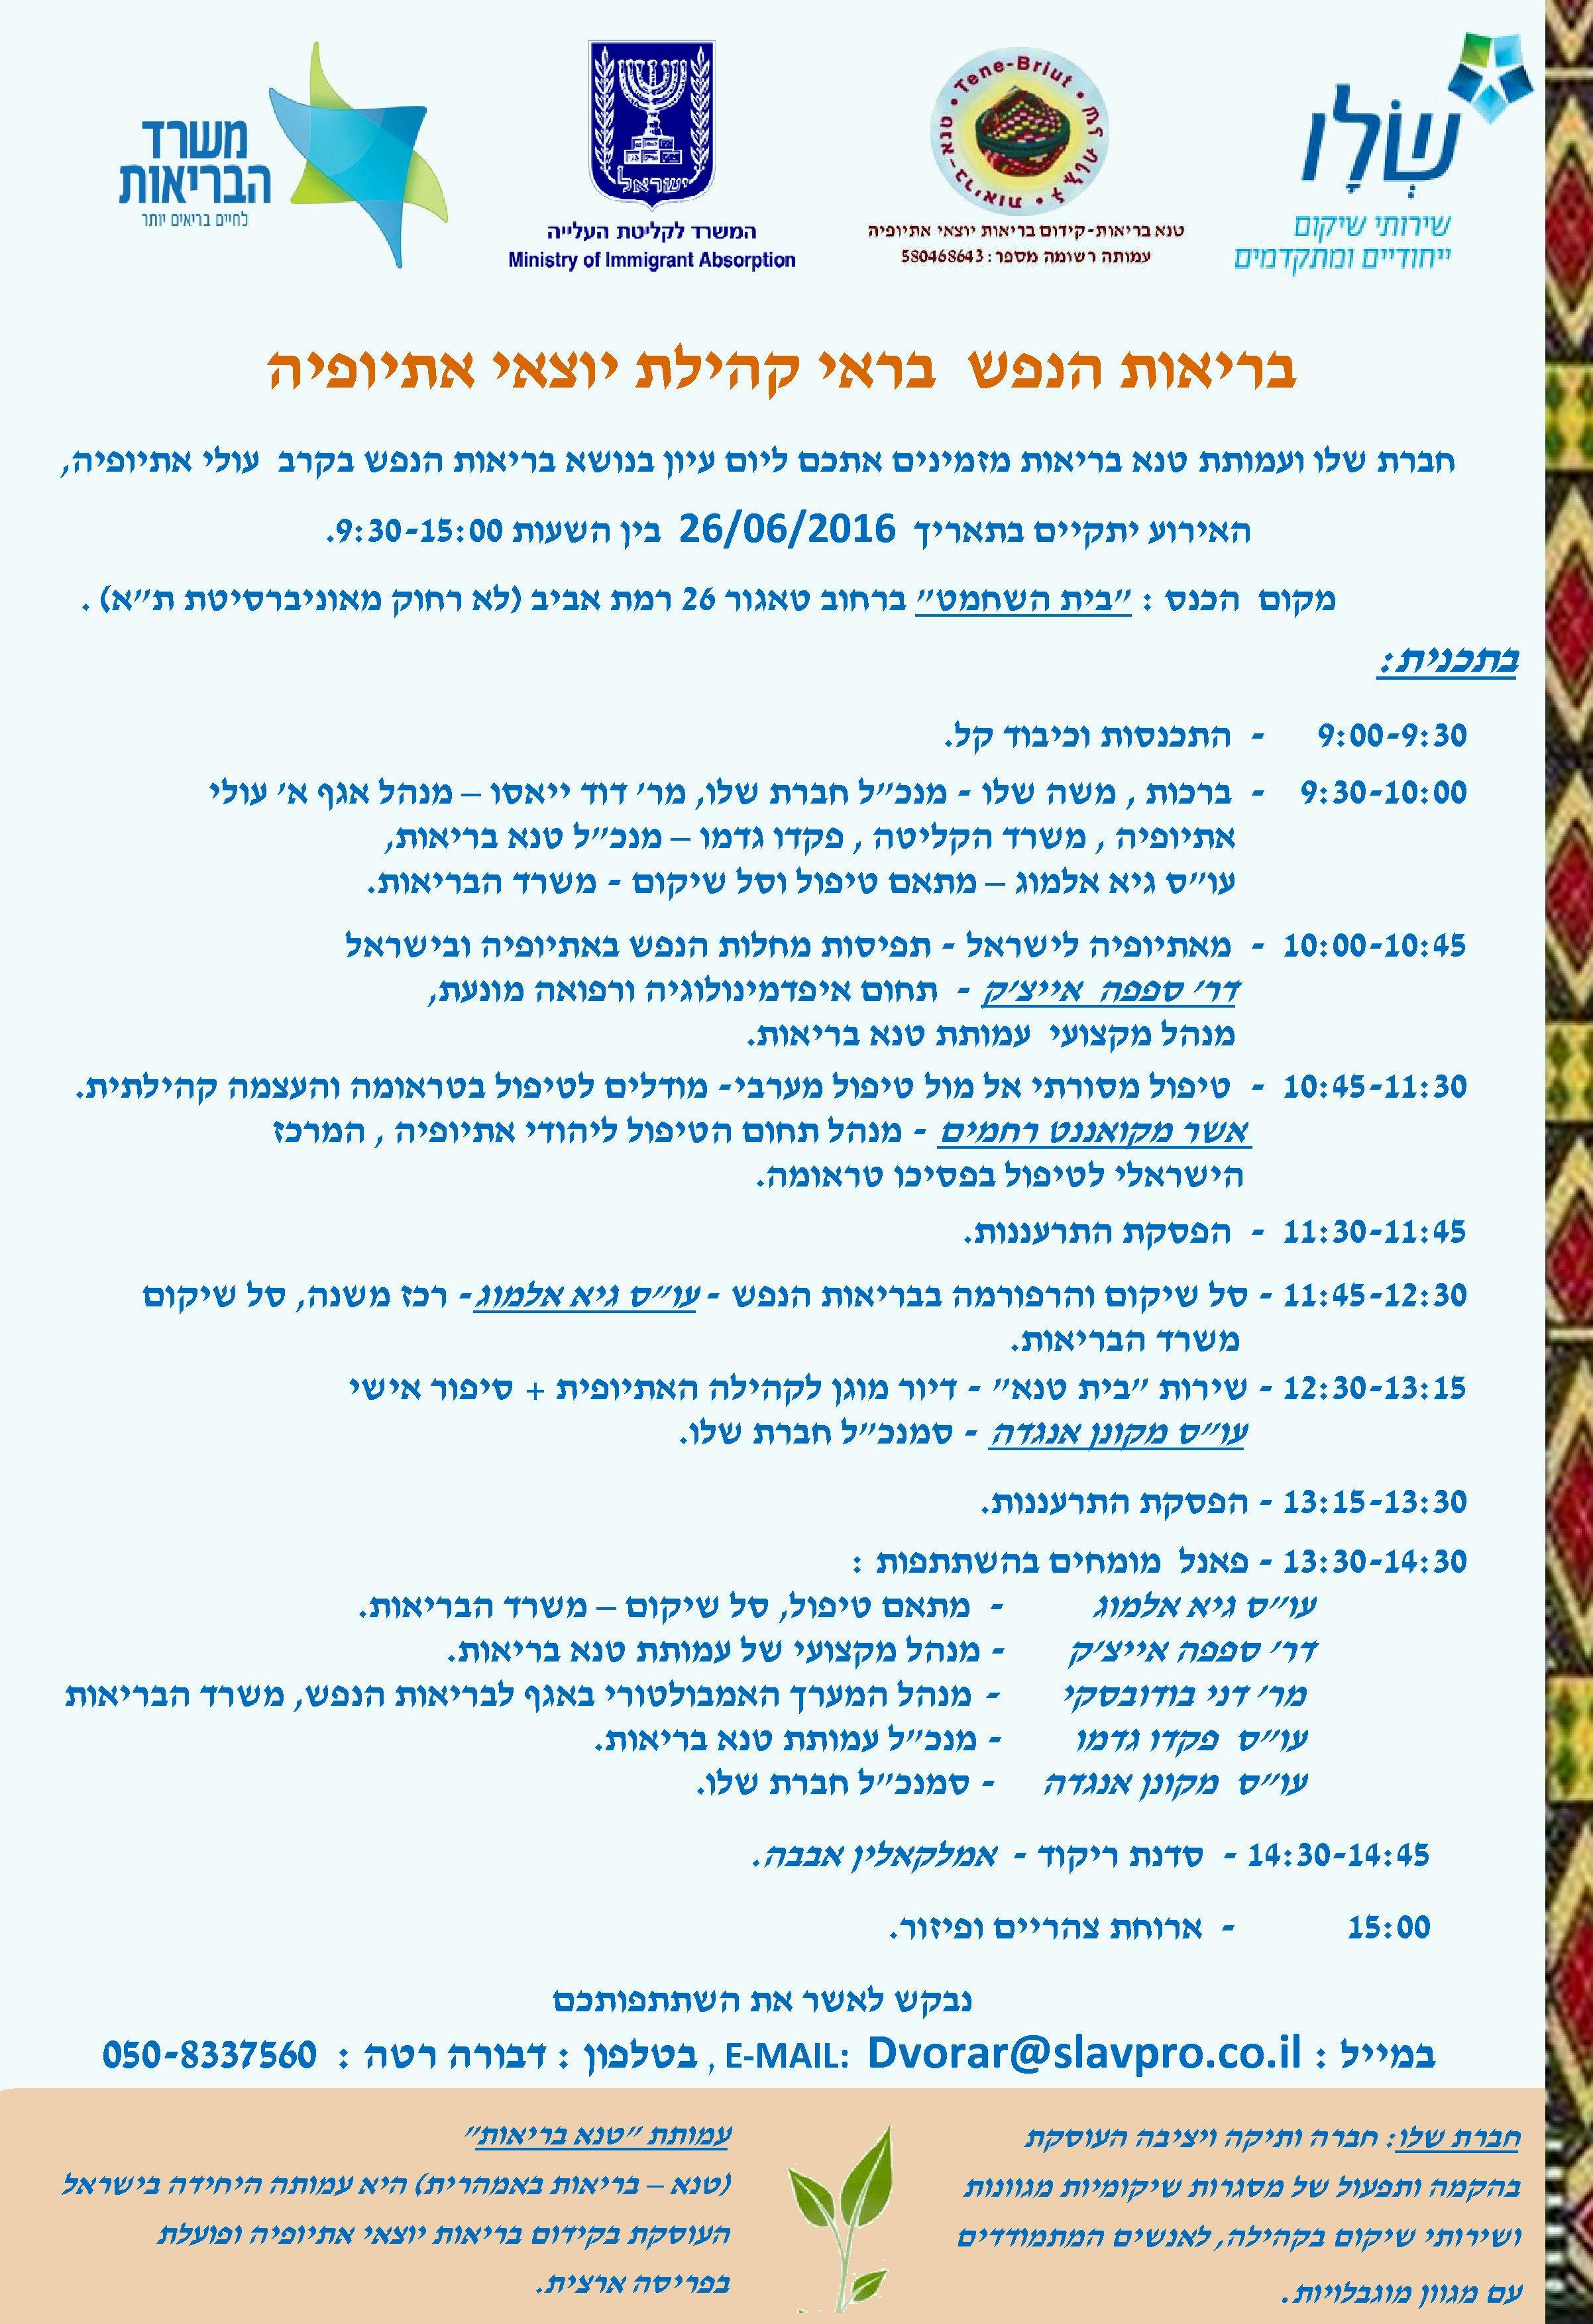 הזמנה לכנס - בריאות הנפש בקהילה האתיפית